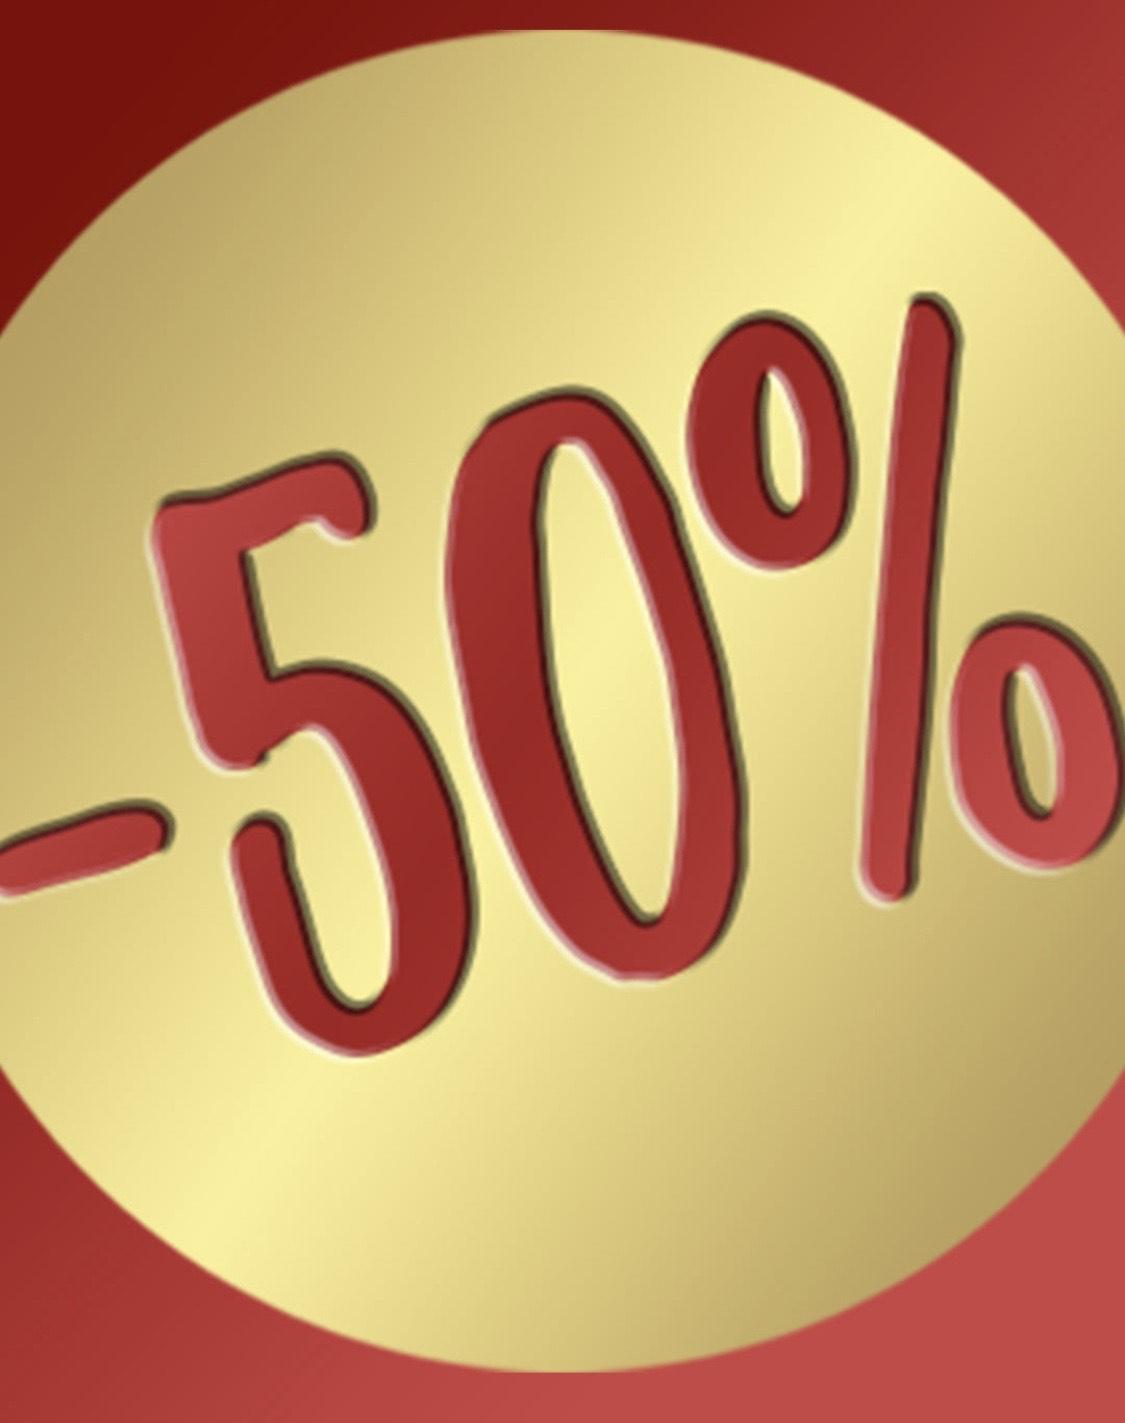 [Horvathslos Onlineshop] -50% auf das gesamte Sortiment